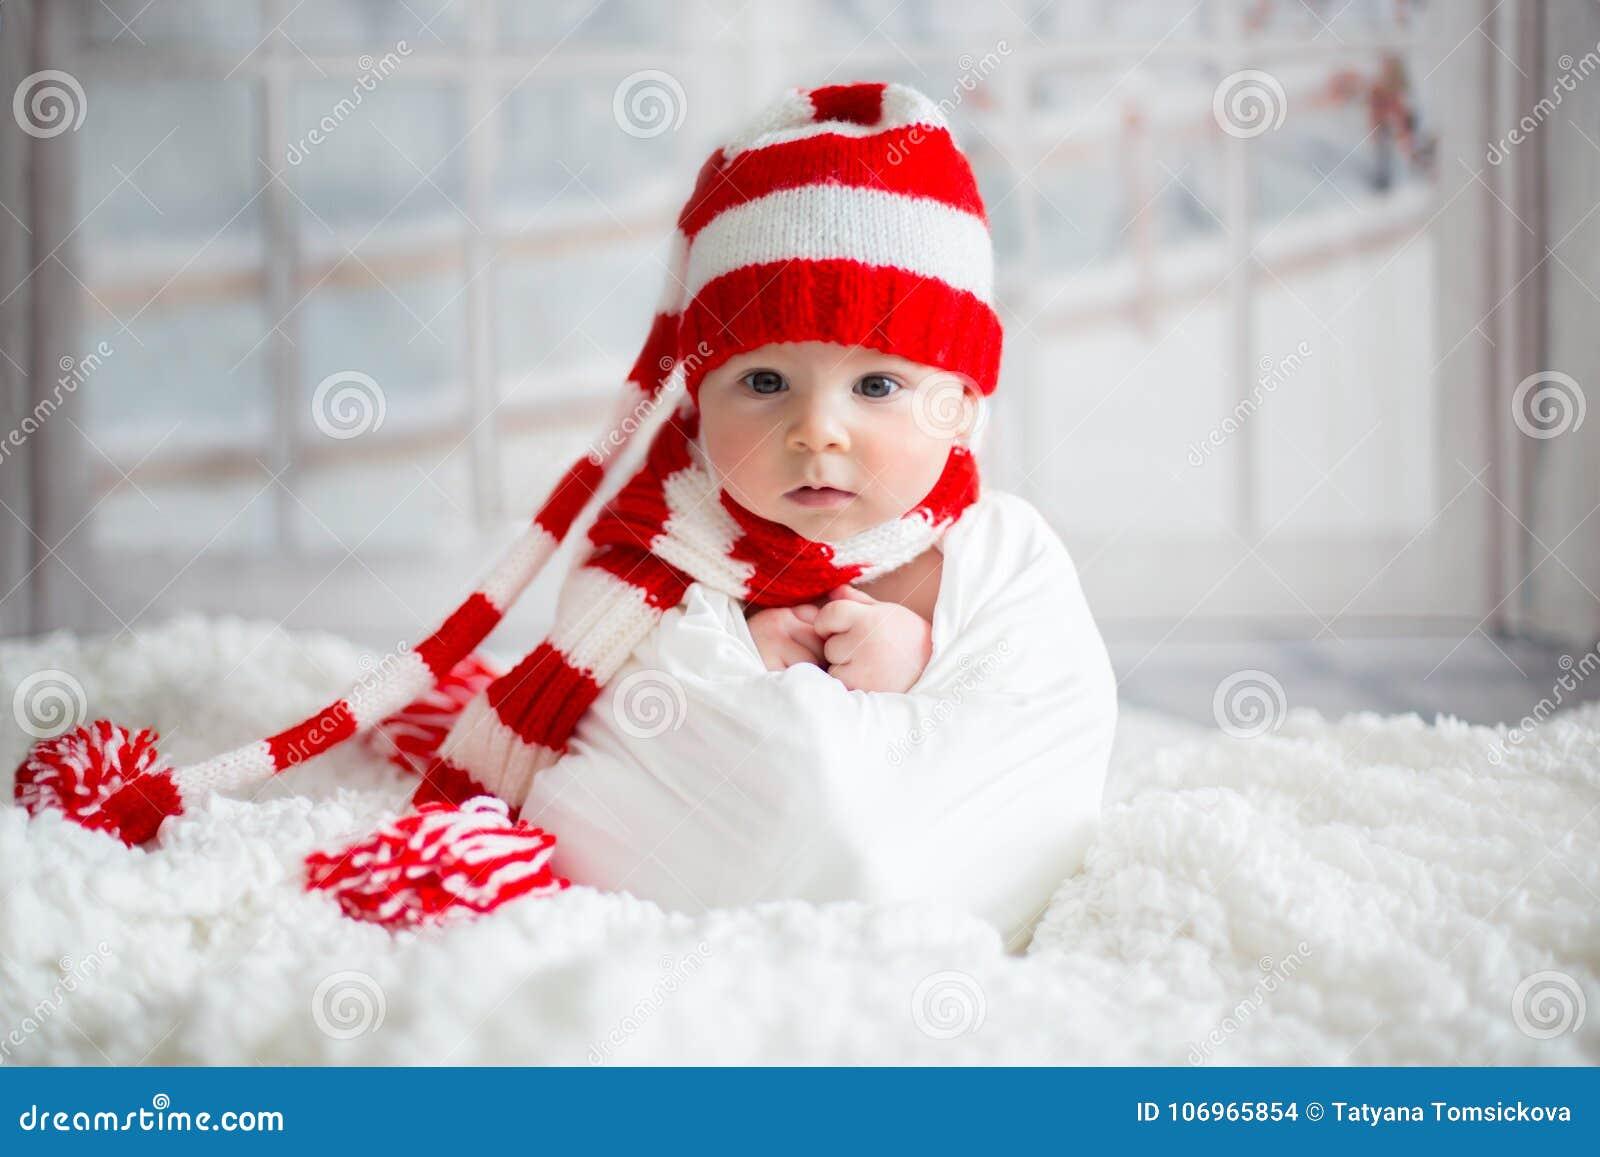 Πορτρέτο Χριστουγέννων χαριτωμένου λίγο νεογέννητο αγοράκι, που φορά sant